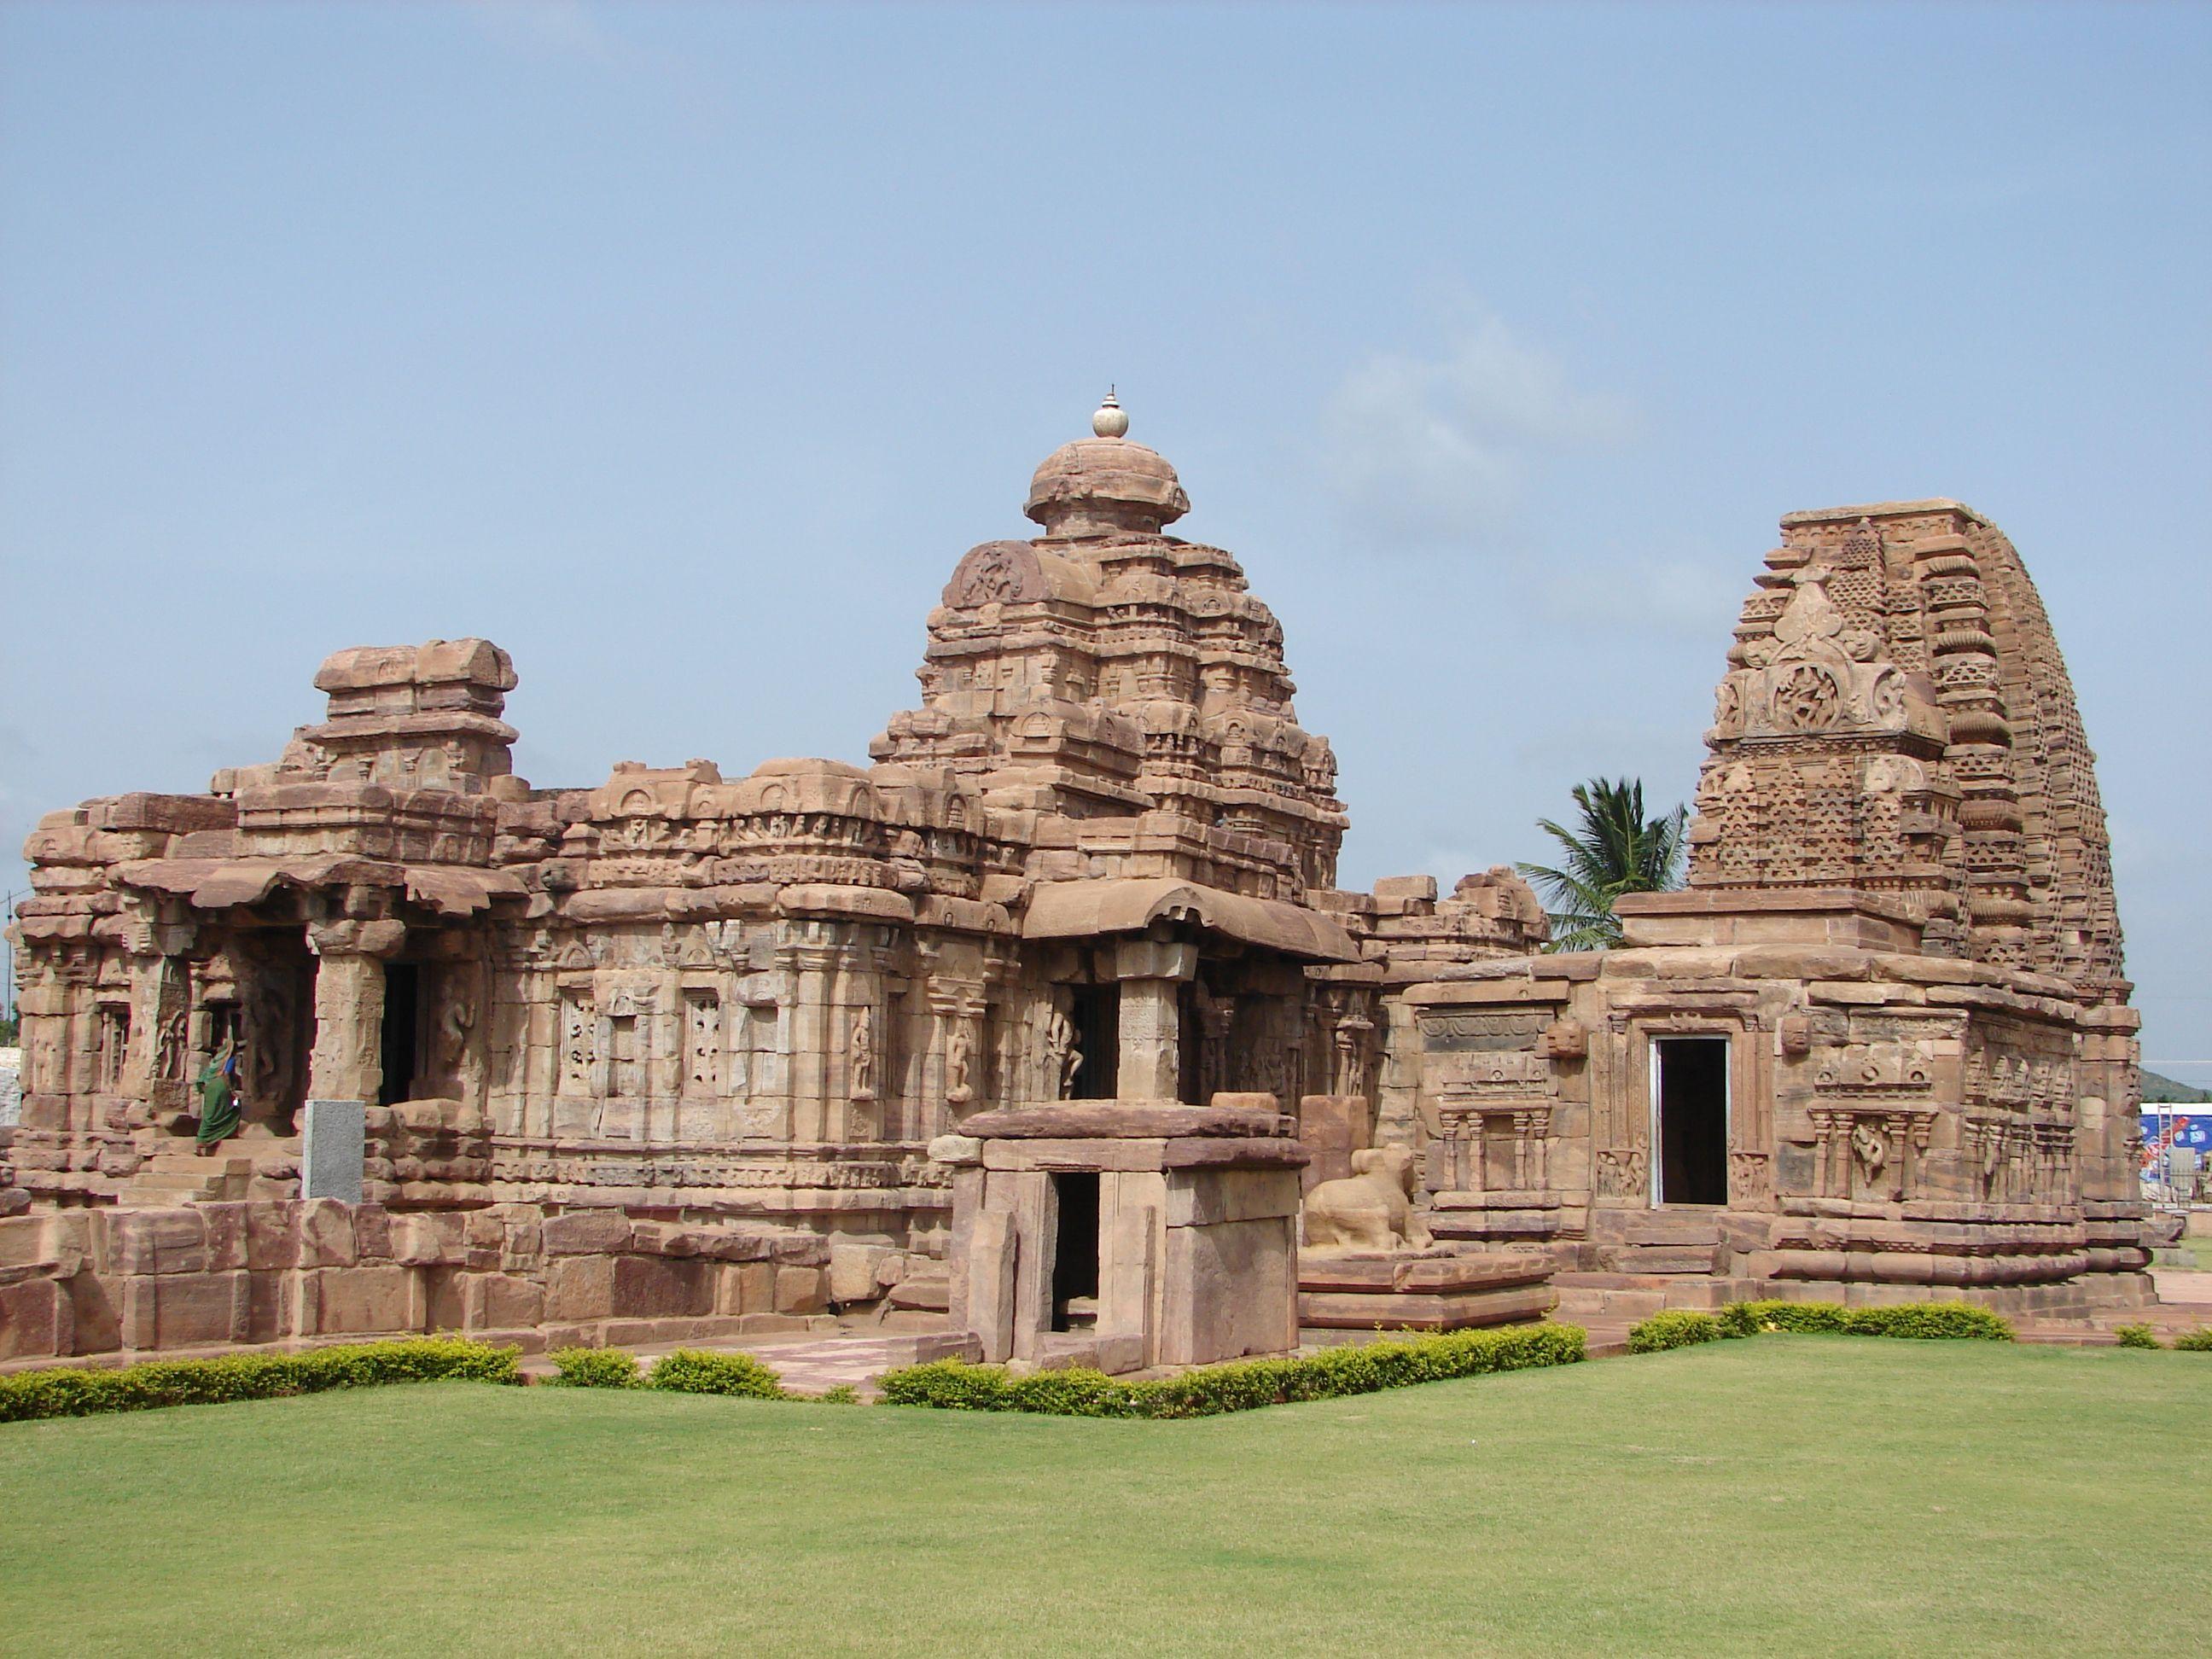 Mallikarjuna temple and kashi vishwanatha temple at pattadakal mallikarjuna temple and kashi vishwanatha temple at pattadakal north karnataka built successively by the chalukya biocorpaavc Image collections